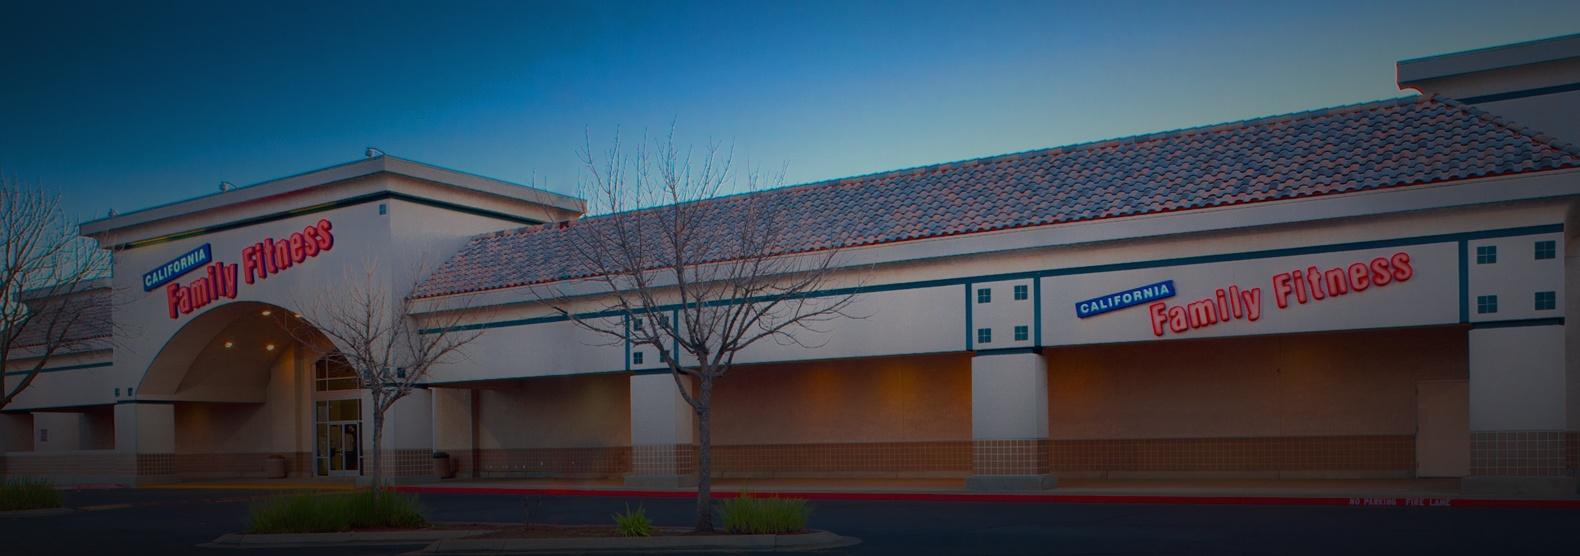 Best Family Gym in Roseville | California Family Fitness